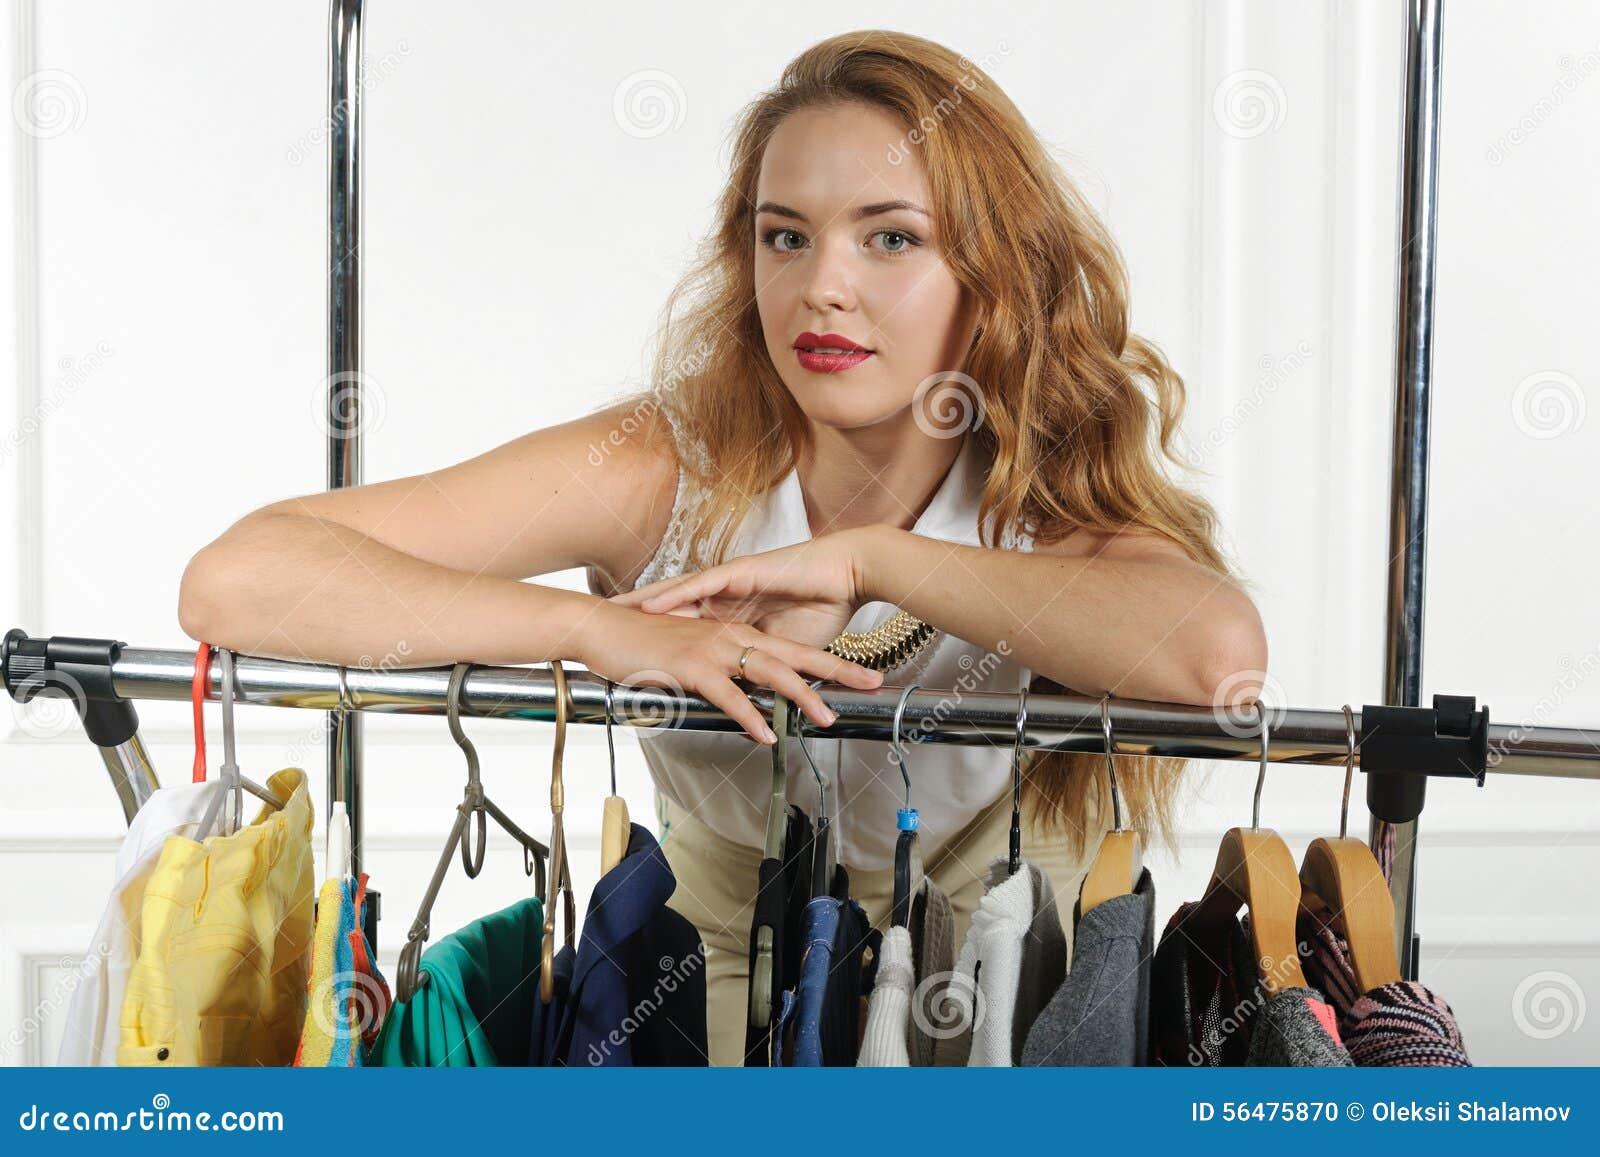 La fille vend des vêtements accrochés sur des cintres